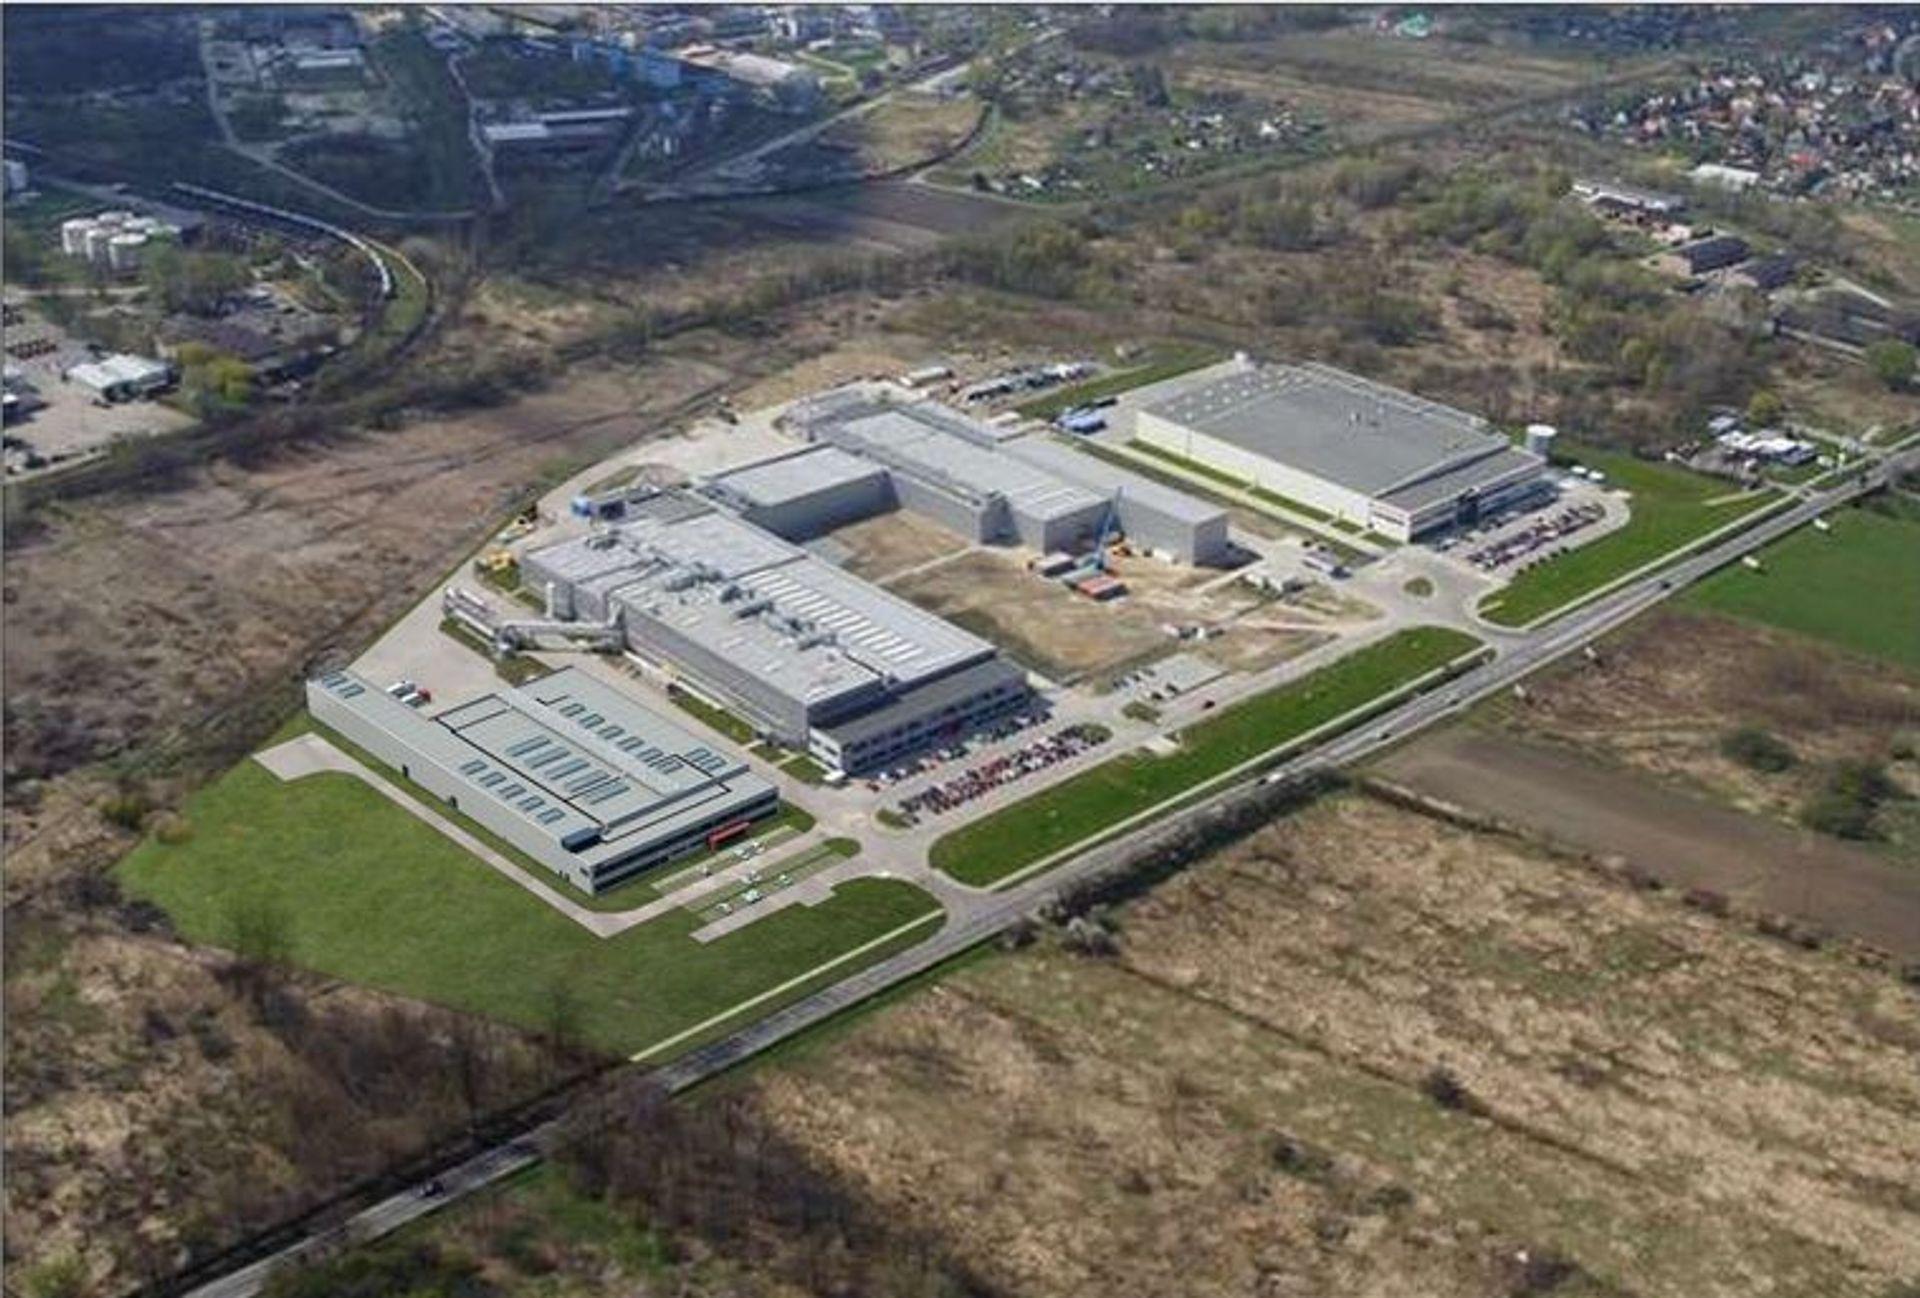 [Wrocław] Kolejna inwestycja 3M we Wrocławiu. Firma zatrudni 80 osób